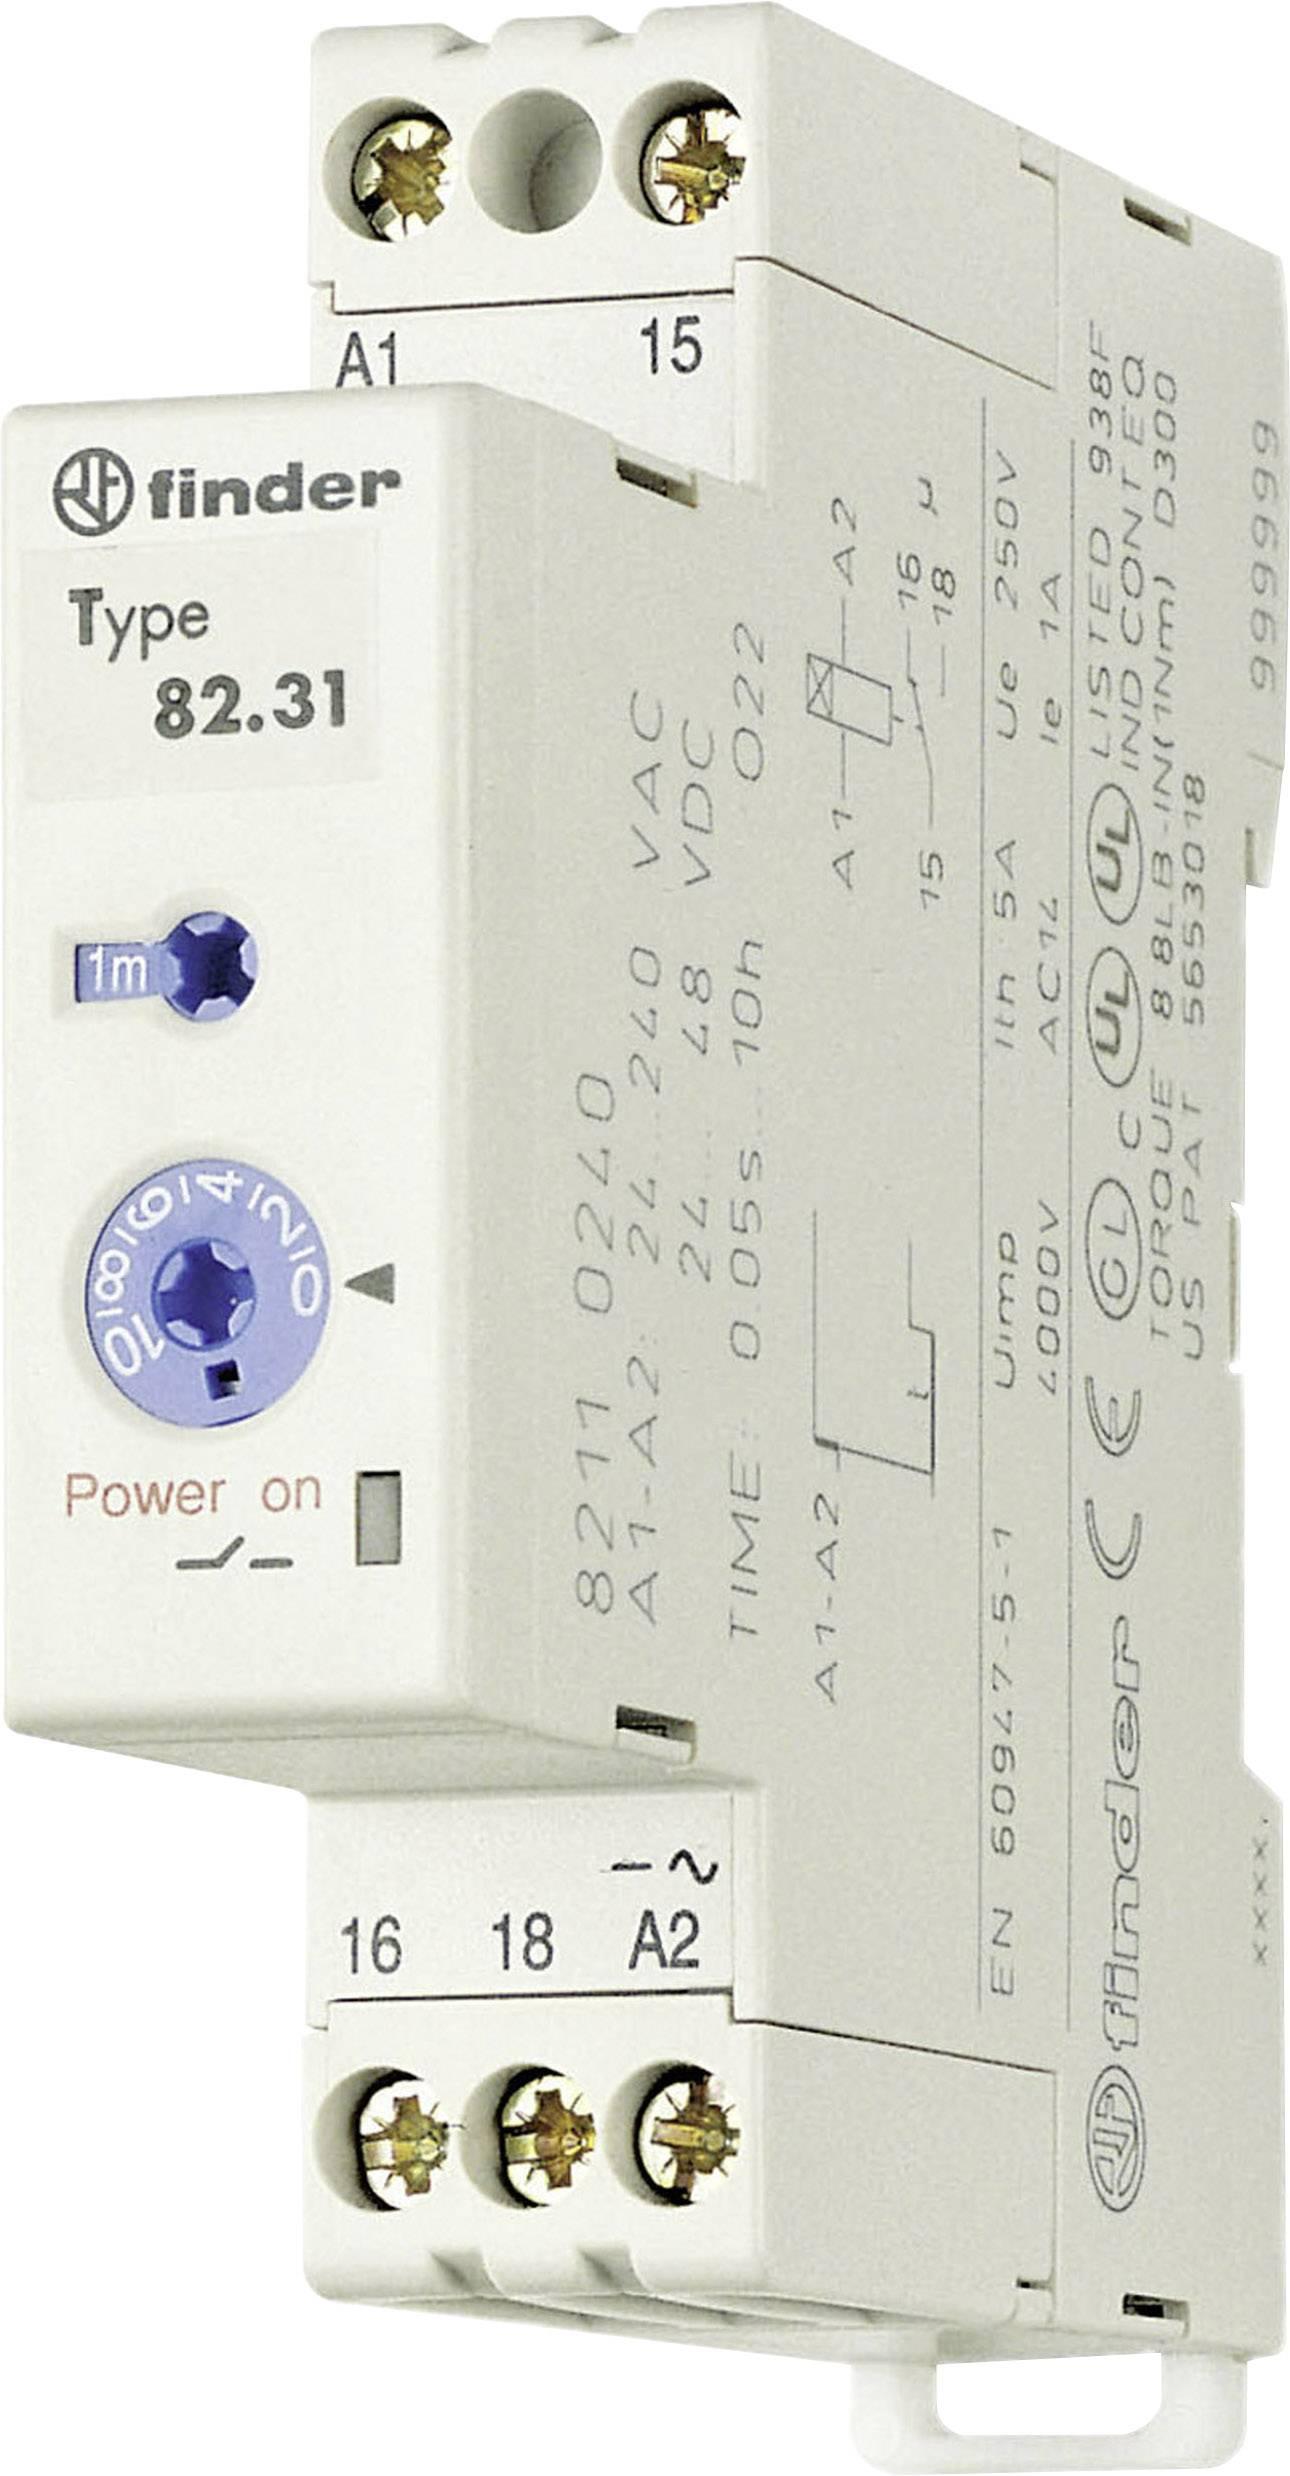 Průmyslové časové relé, 17,5 mm, série 82 Finder 82.31.0.240 1 ks